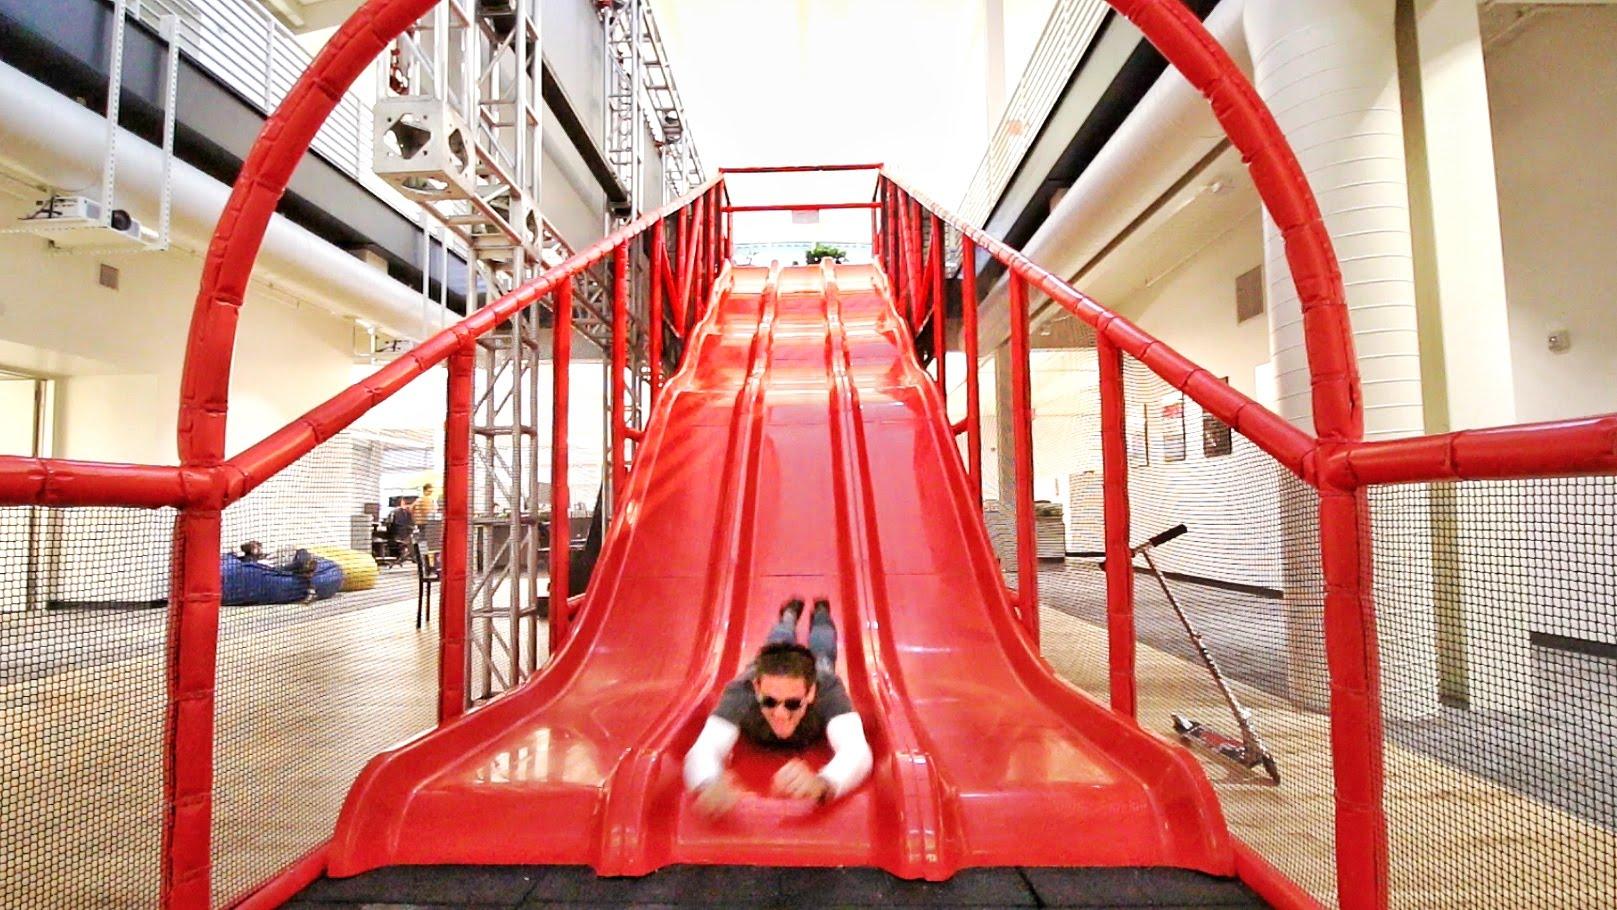 insane office slide